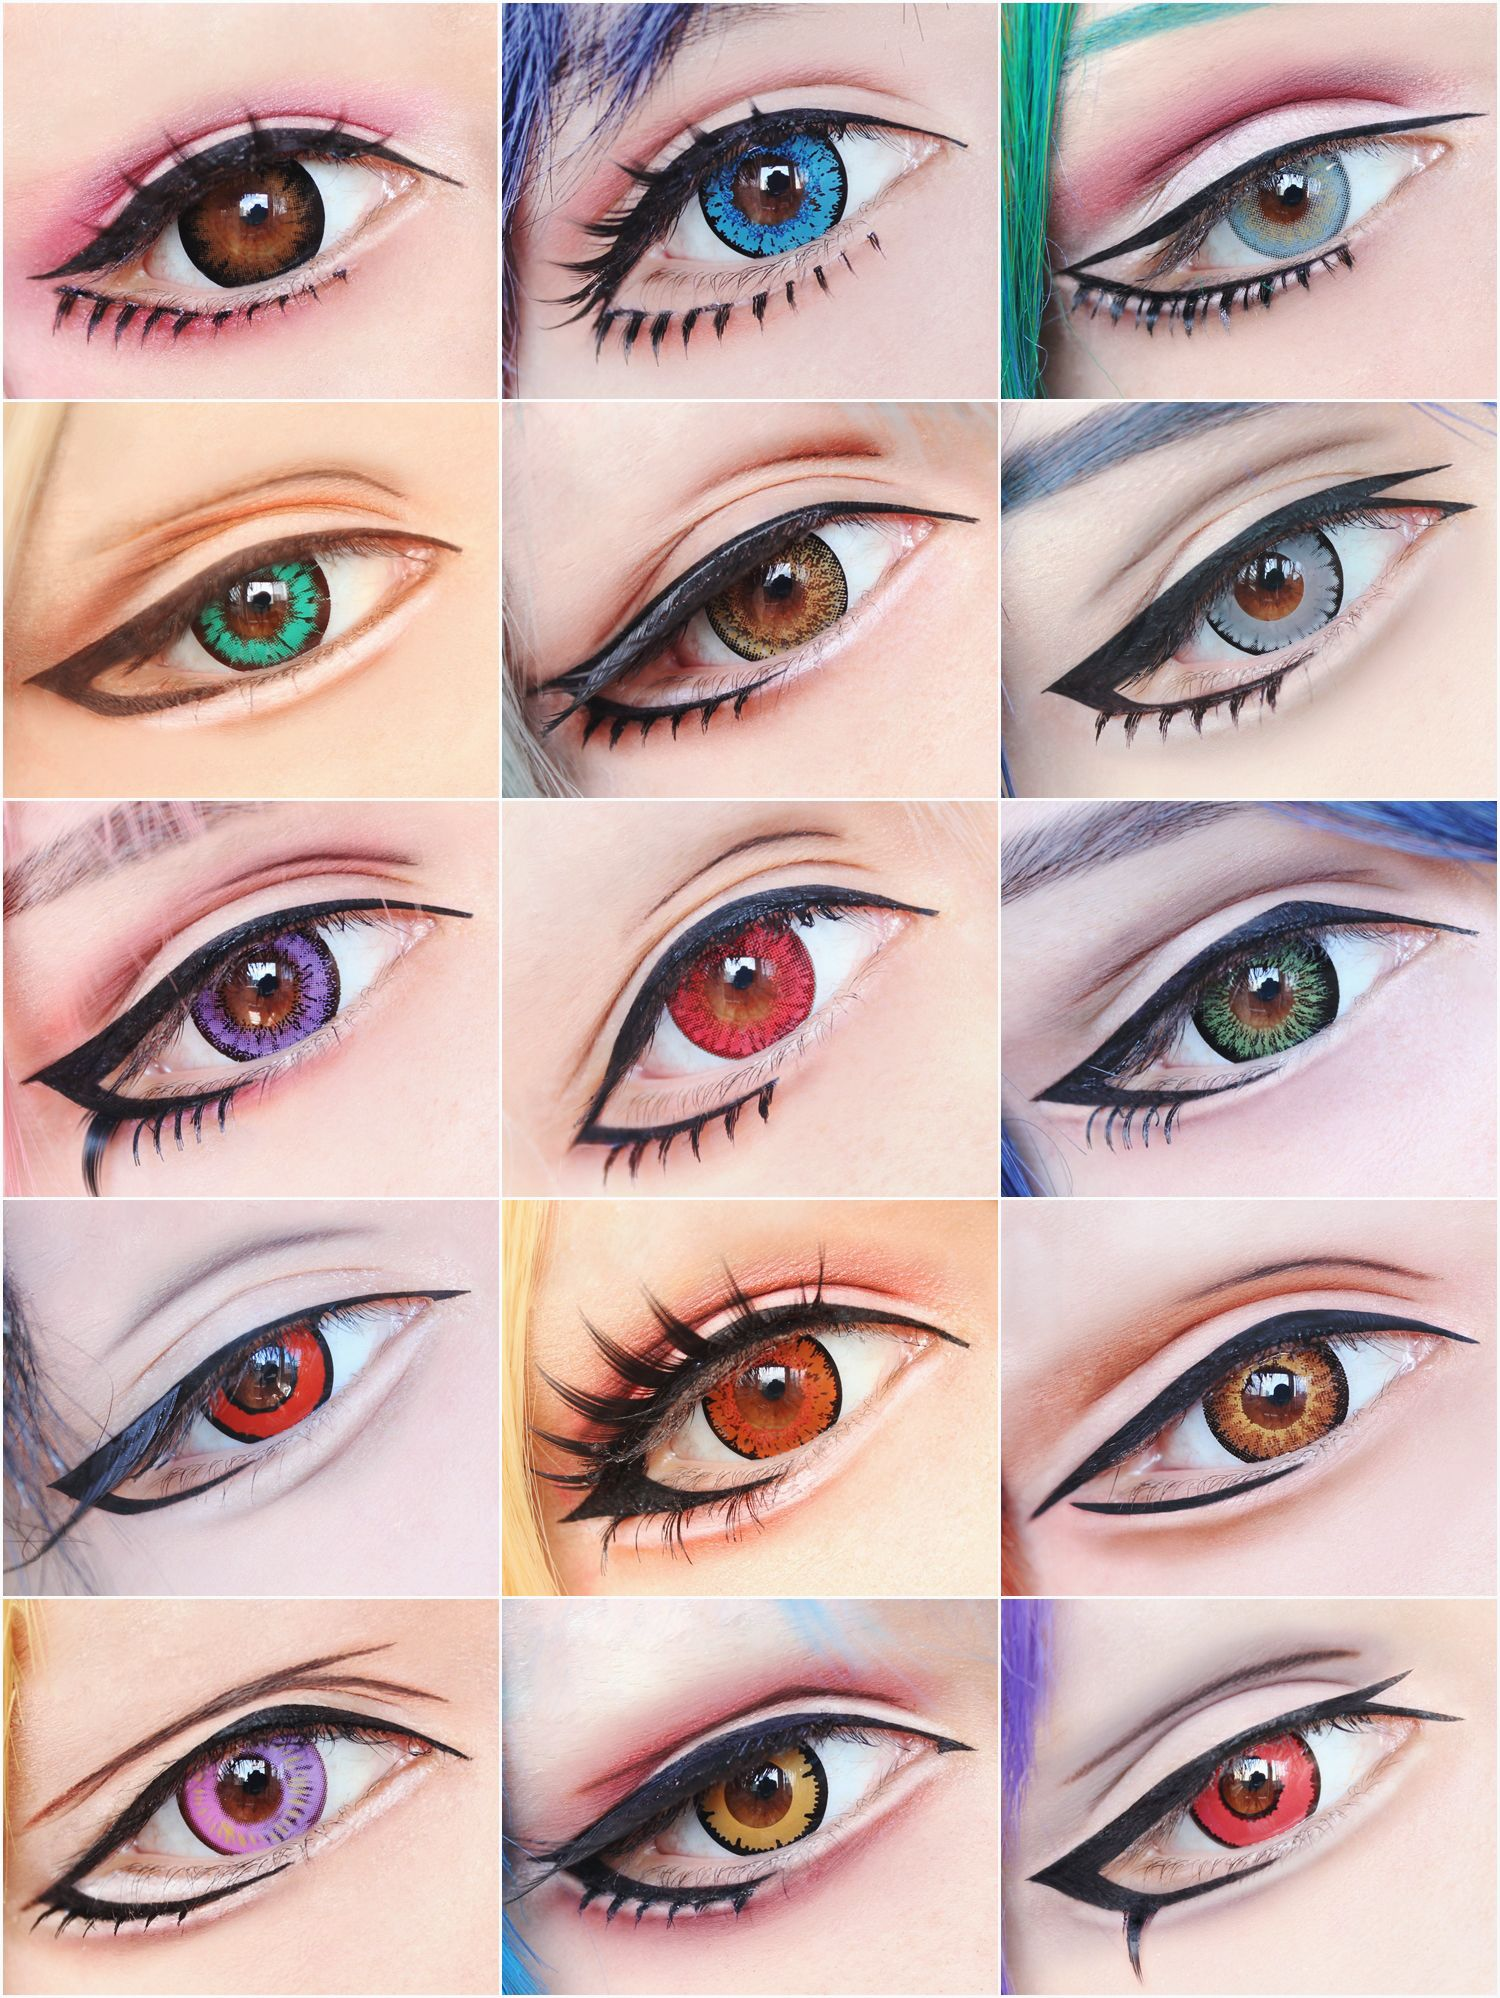 Cosplay makeup tutorials